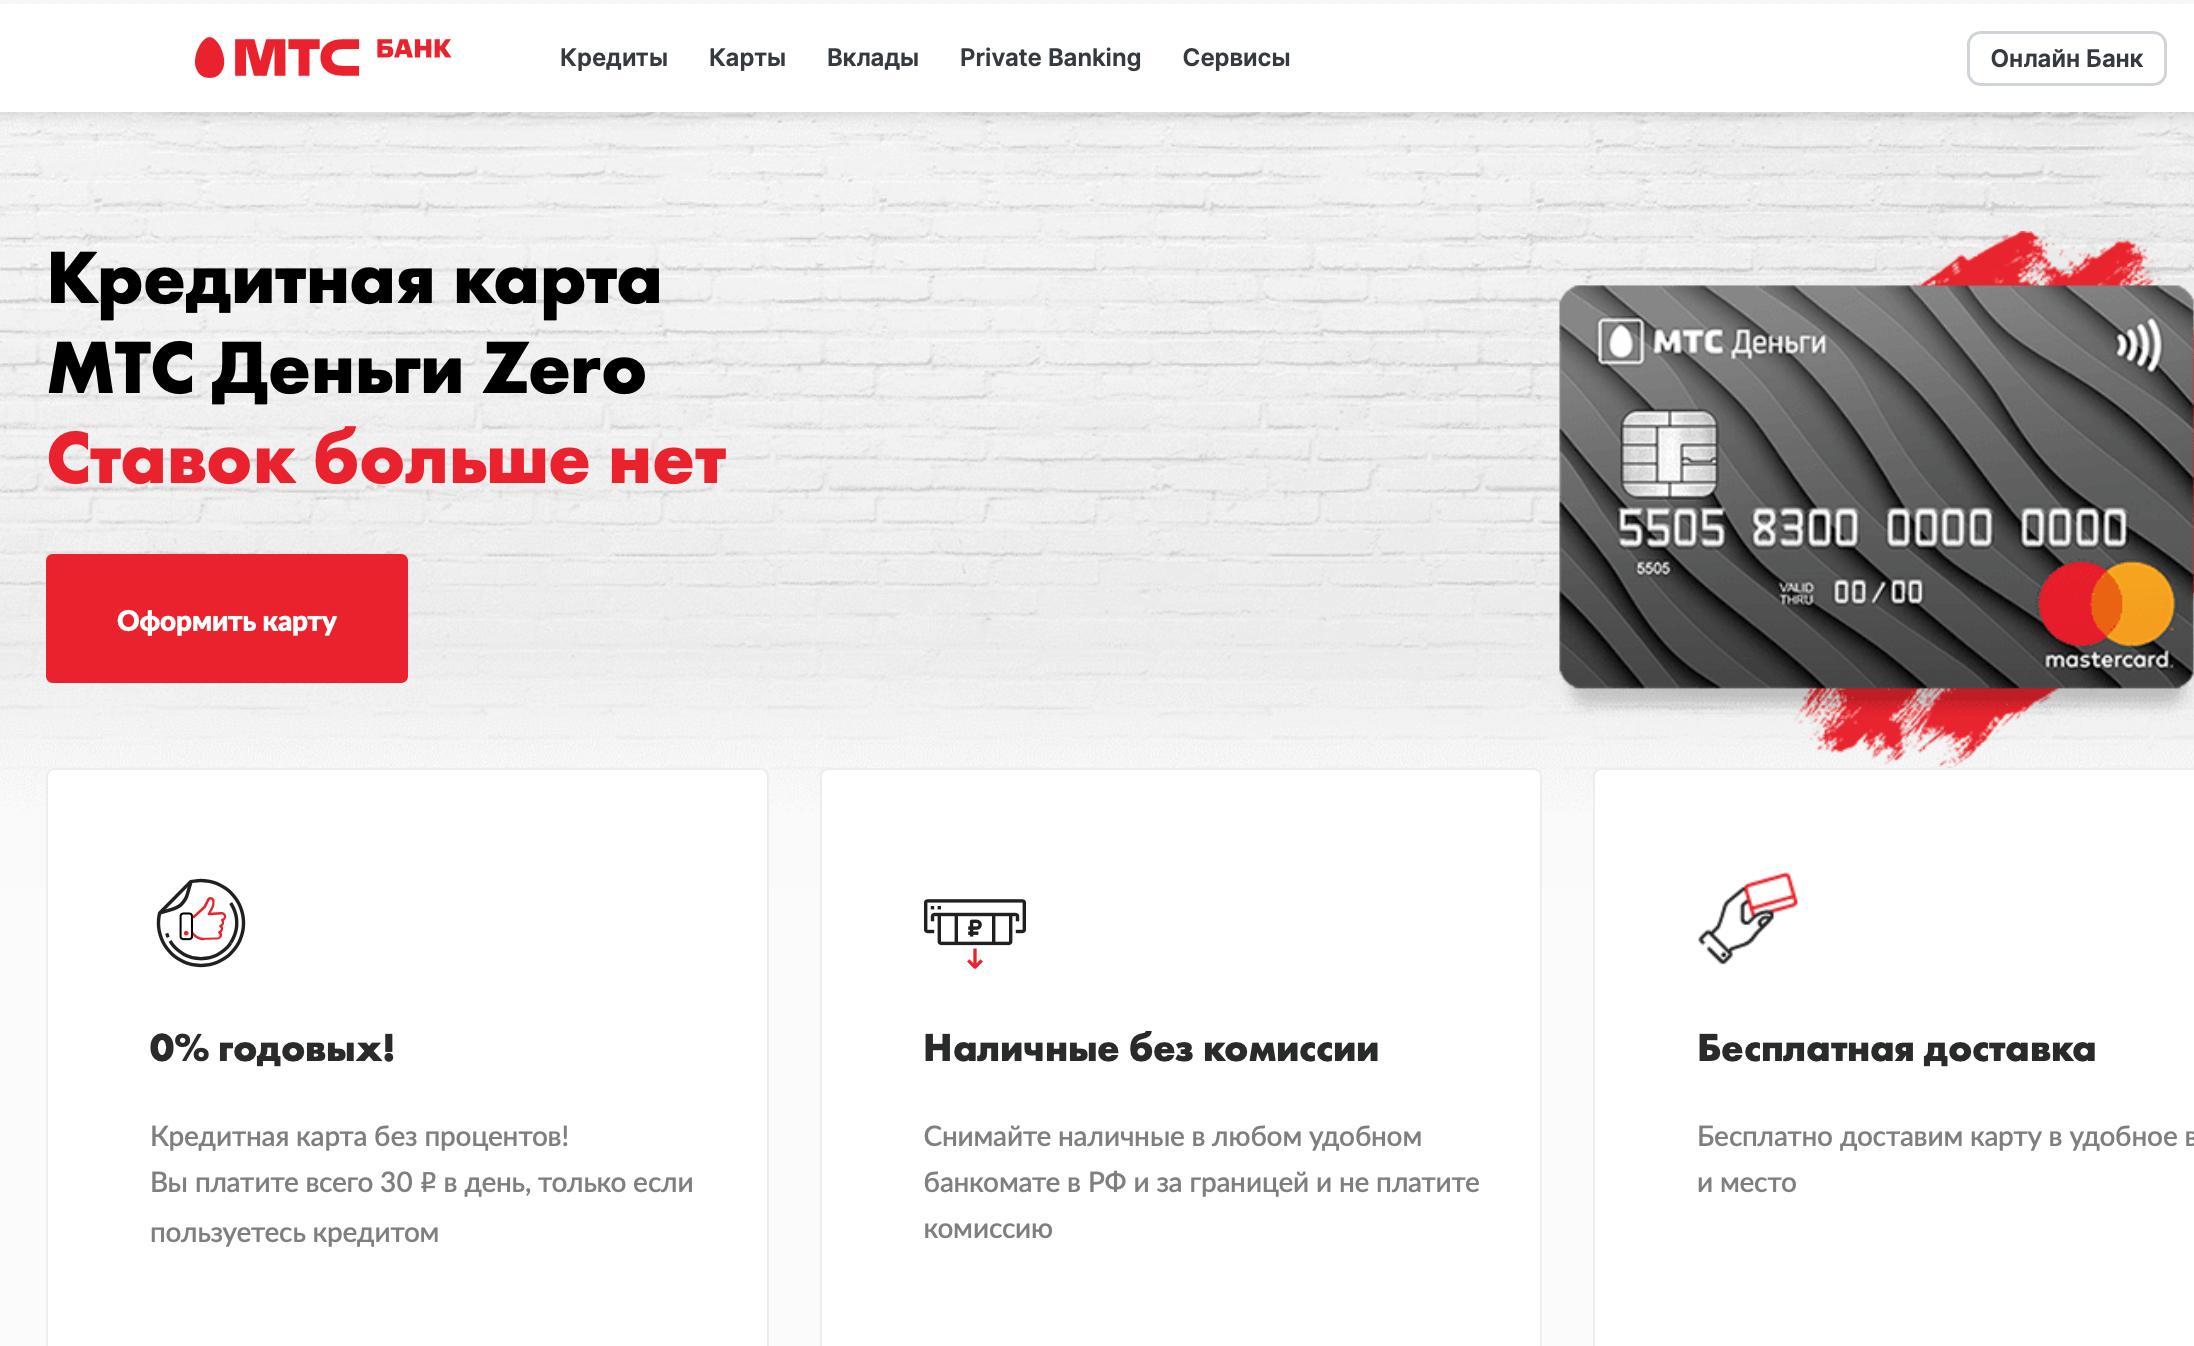 Официальный сайт деньги зеро